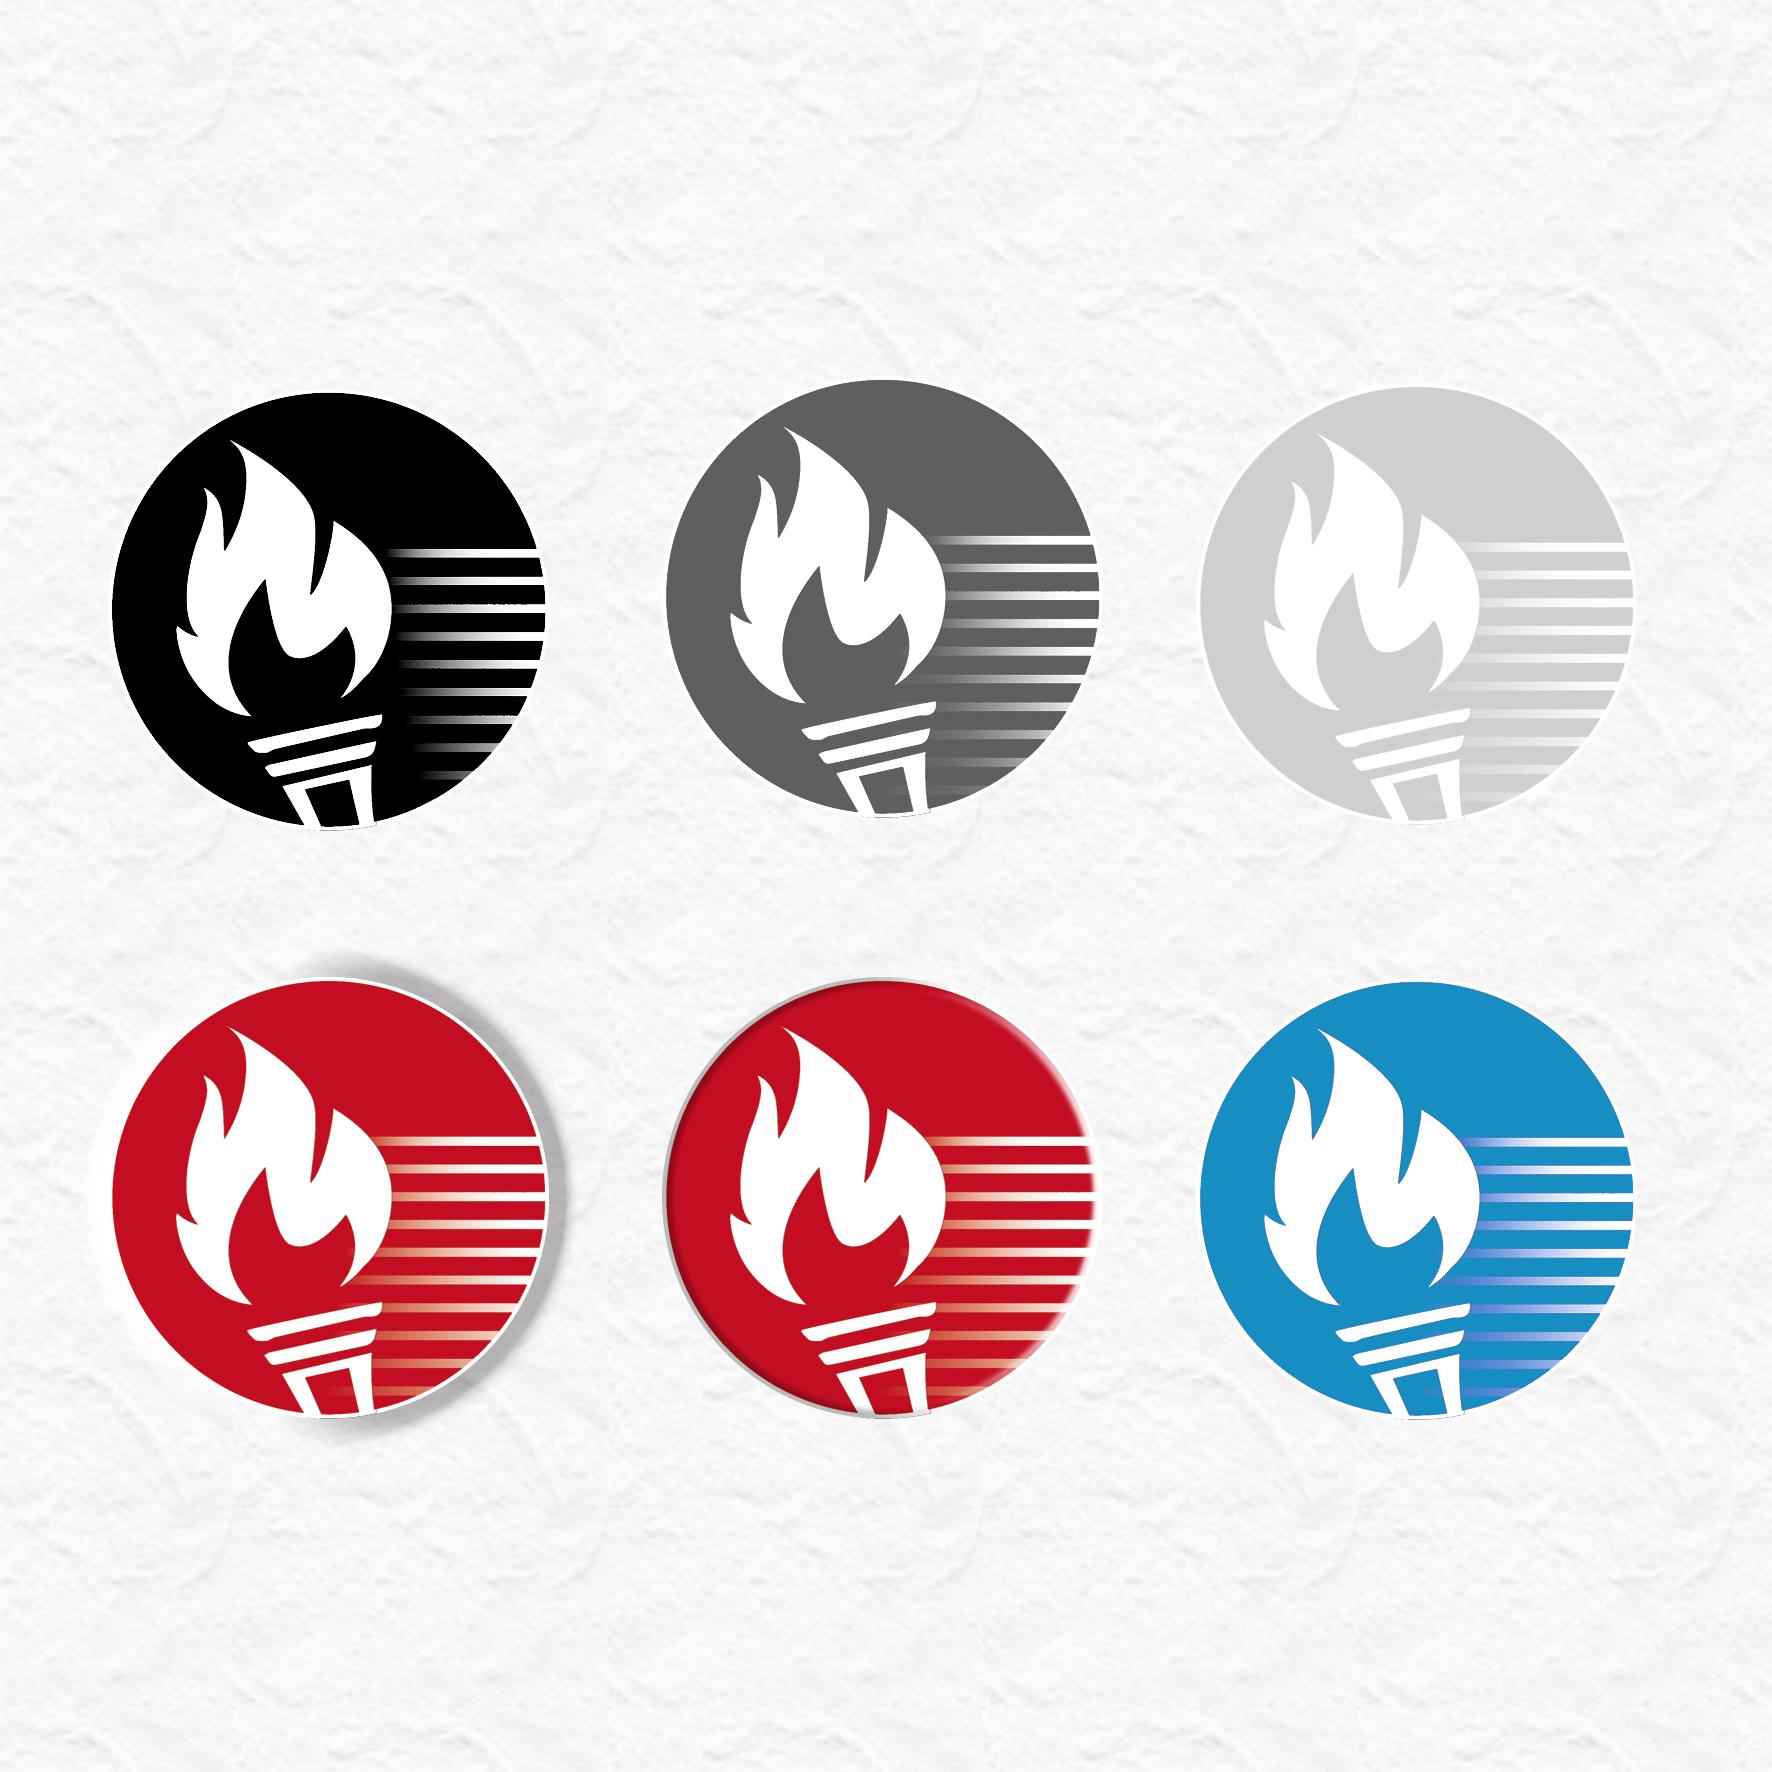 厦门火炬招商建设发展有限公司Logo设计